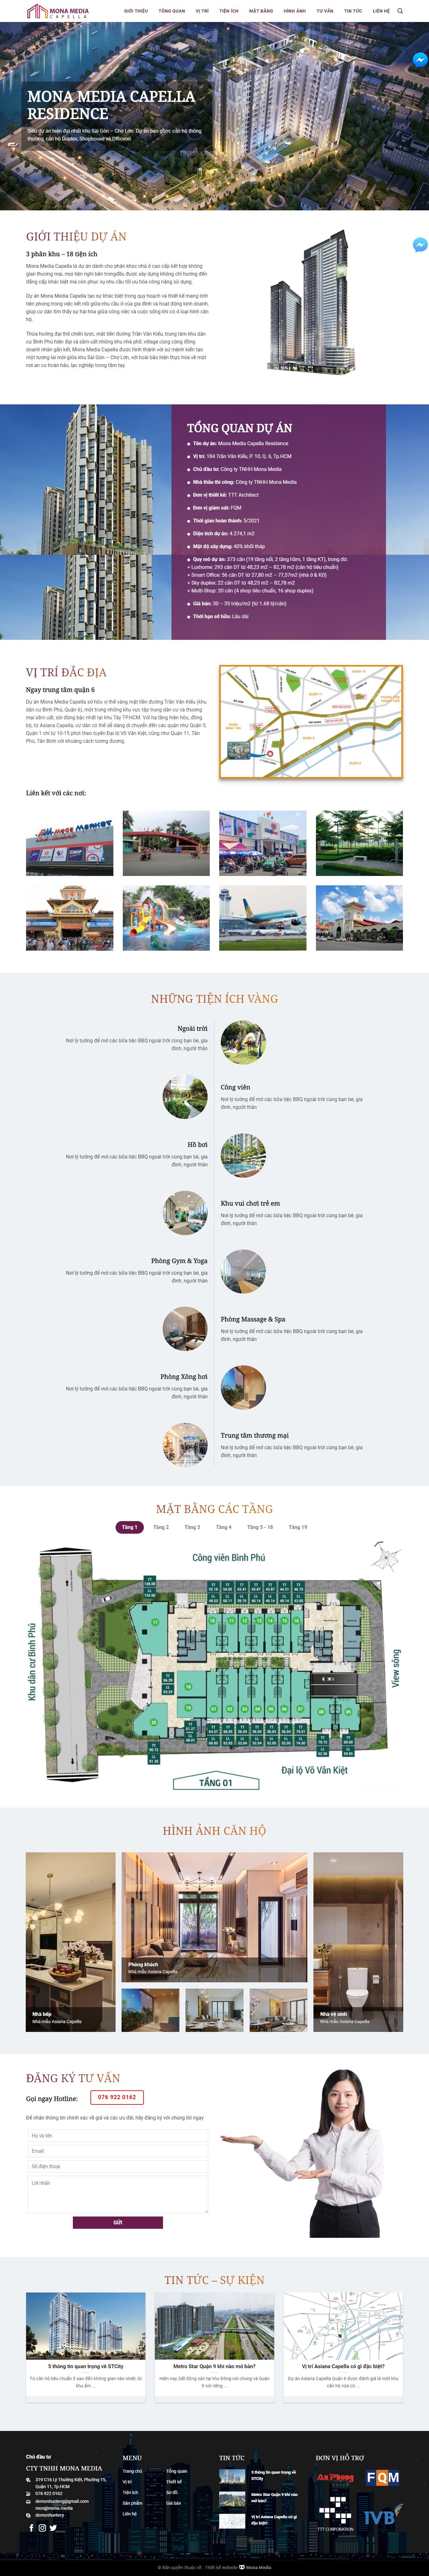 Mẫu landing page giới thiệu căn hộ chung cư giao diện tương tự Asiana  Capella